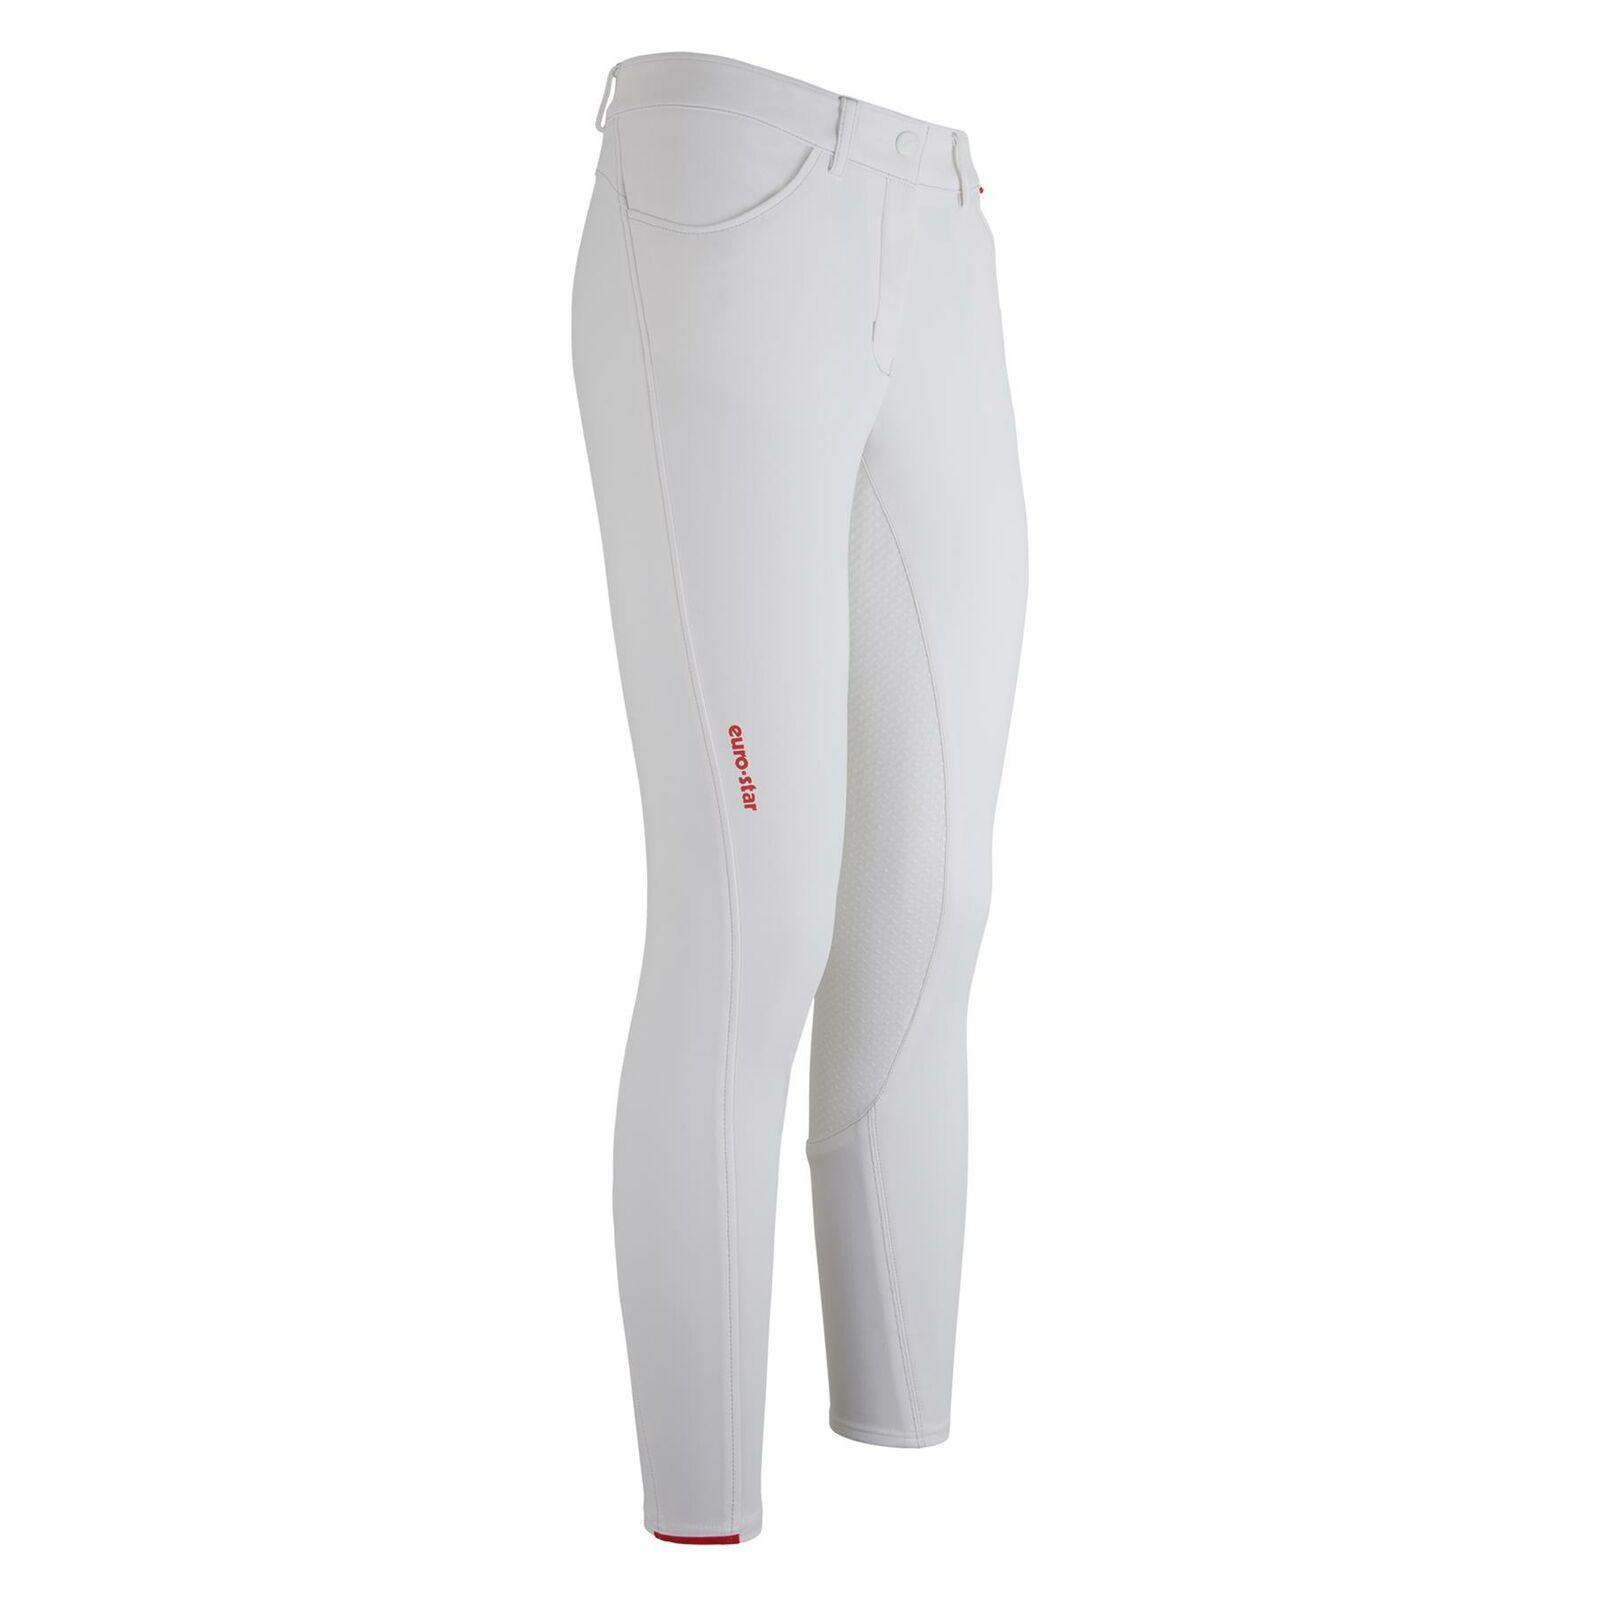 EUROestrella Donna fama Pantaloni da equitazione, BiancoFULL GRIP